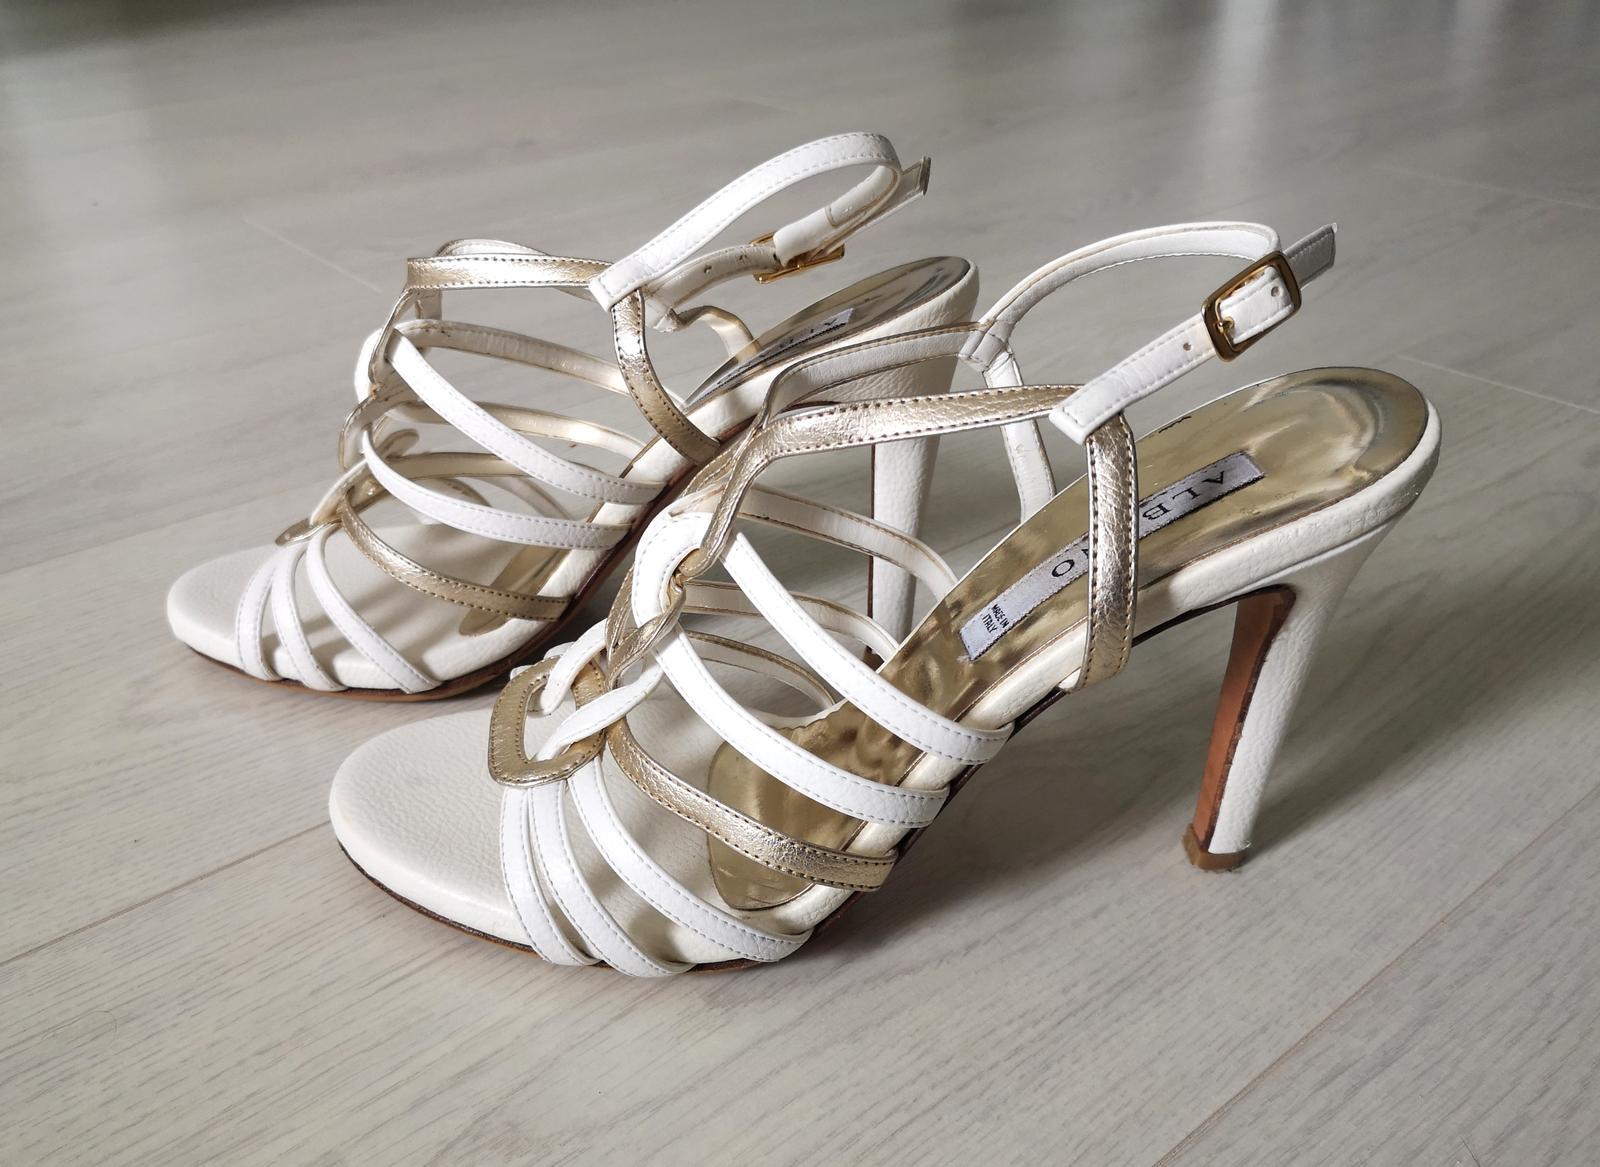 Svadobne sandale - Obrázok č. 1